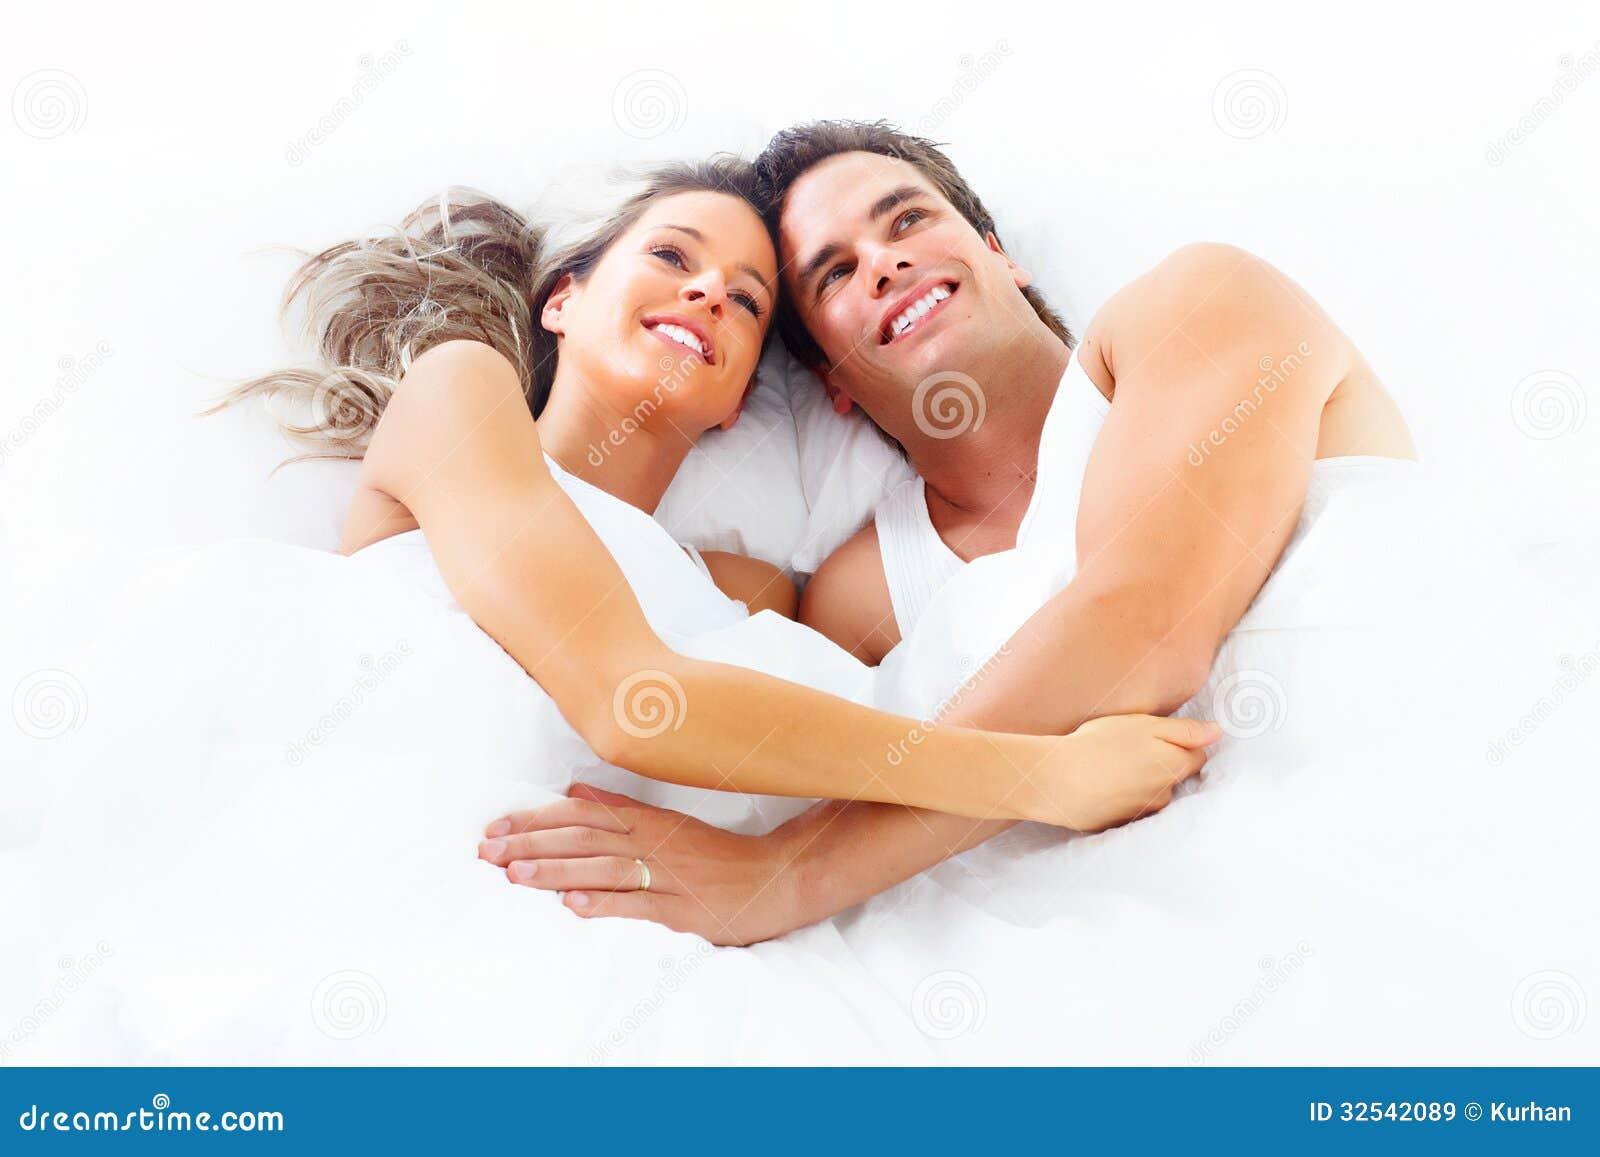 How Men Sleep In Bed